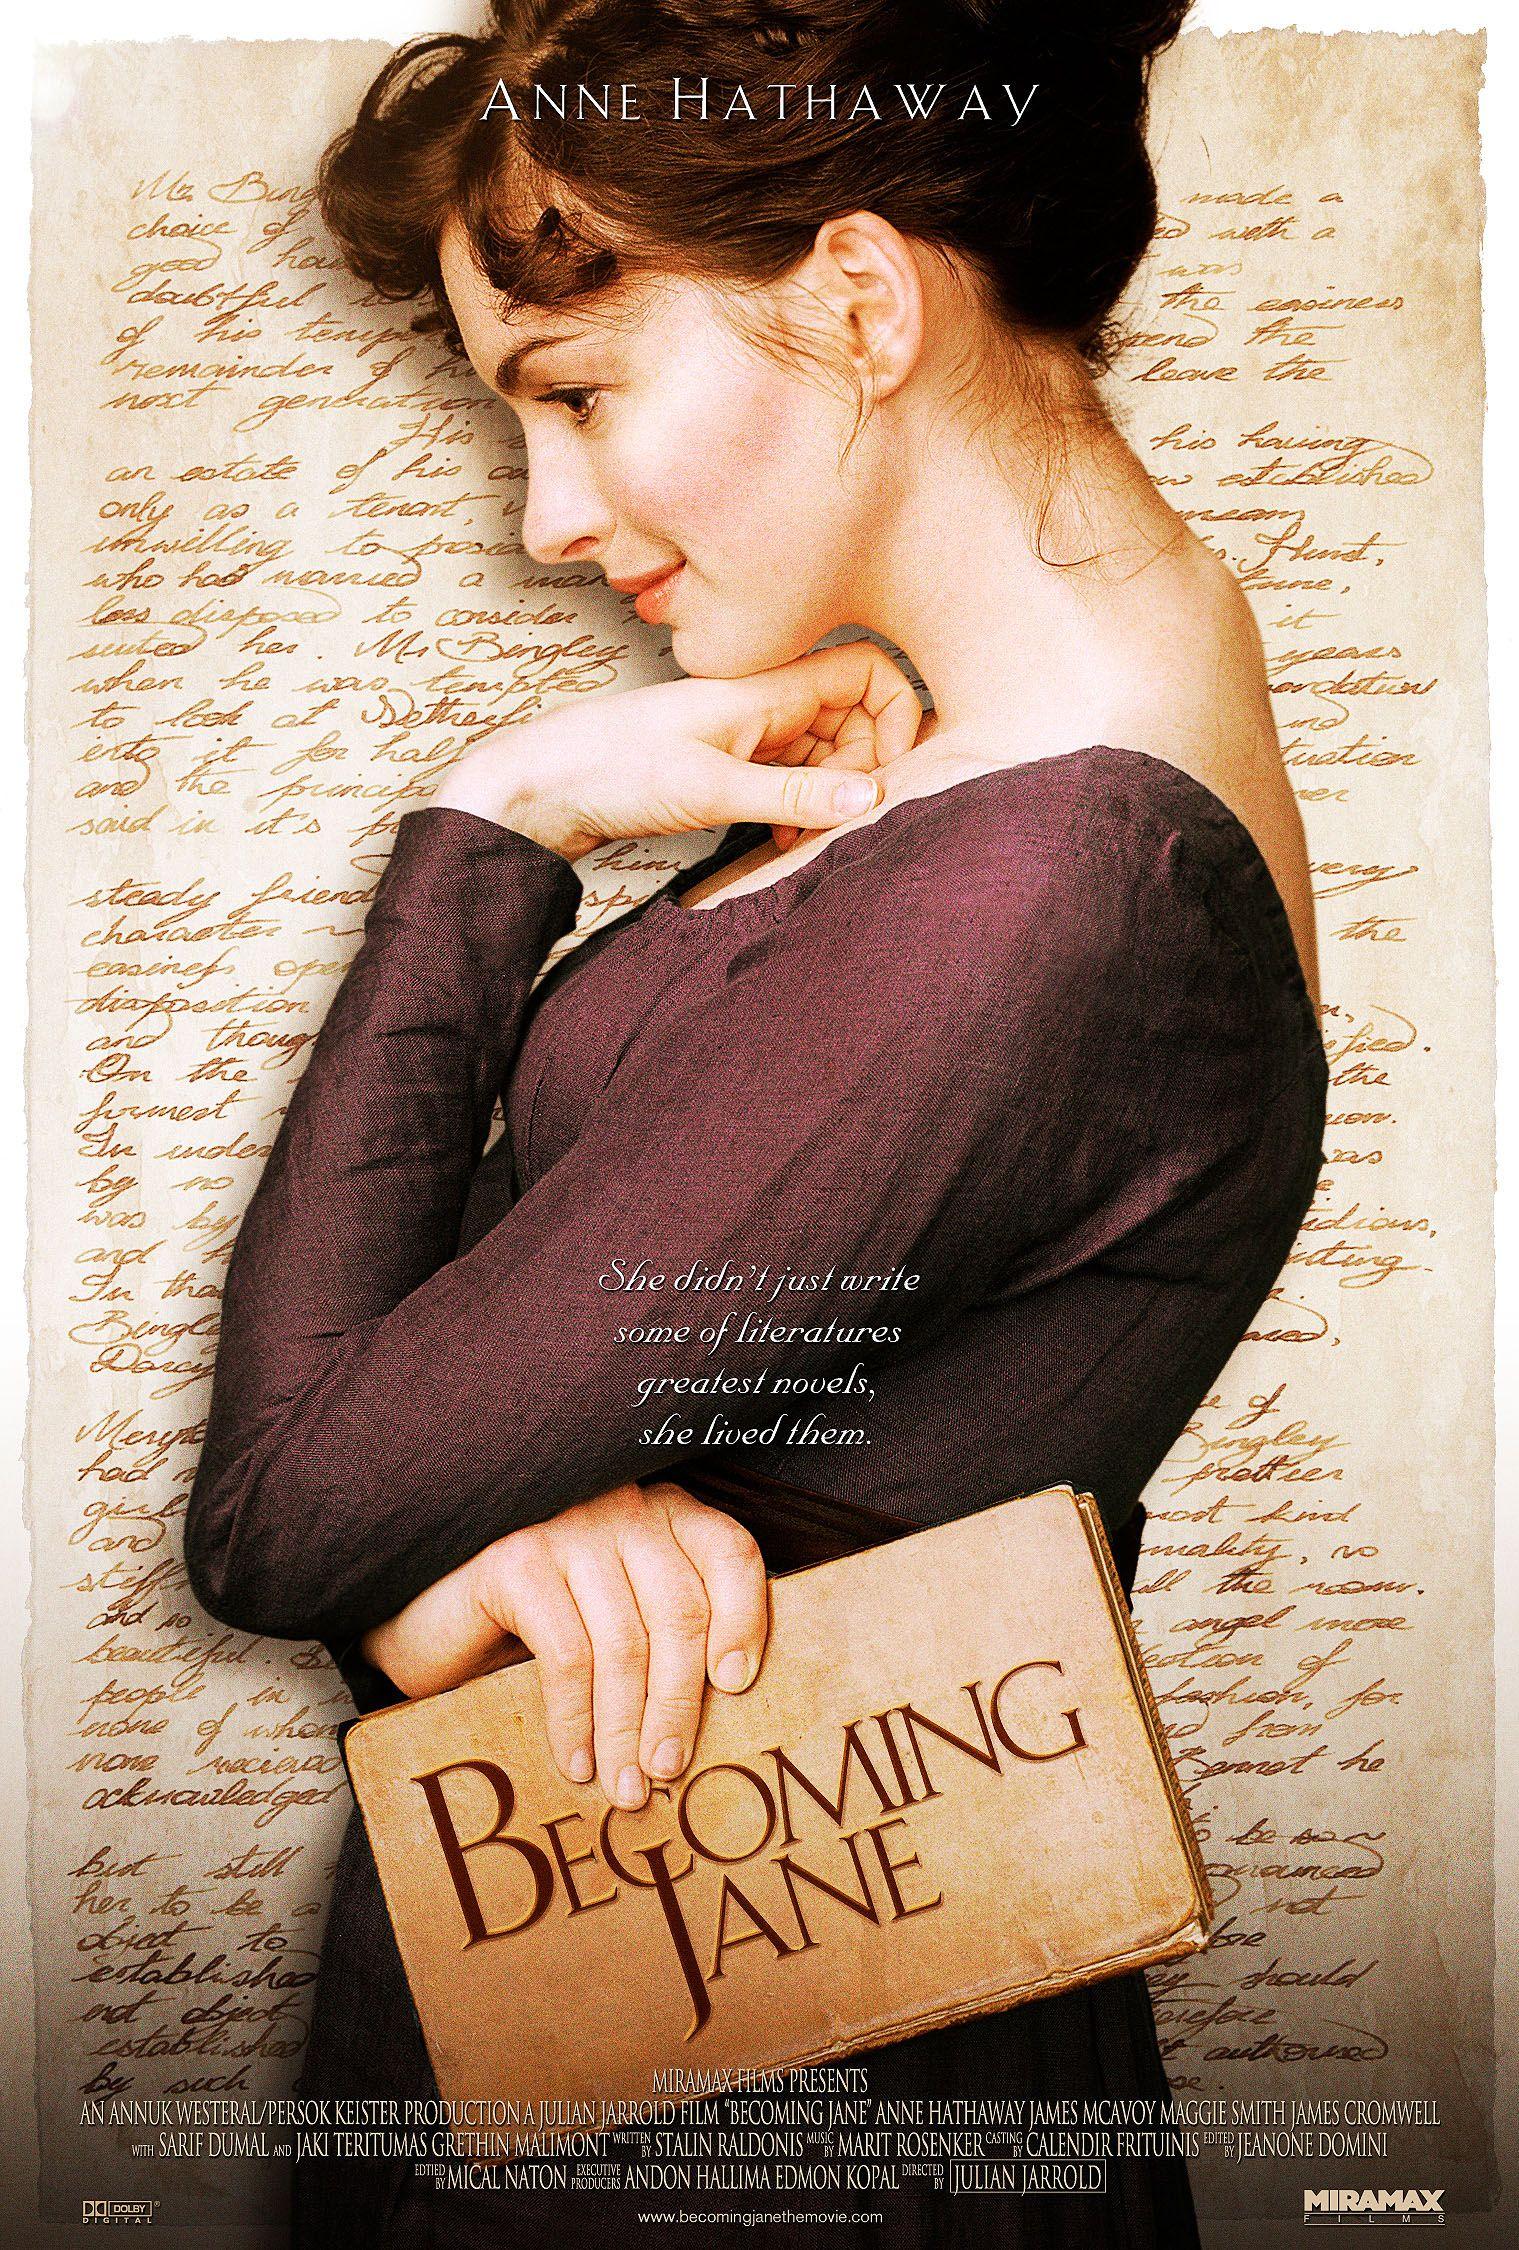 Anne Hathaway Becoming Jane Jane Austen Movies Becoming Jane Jane Austen